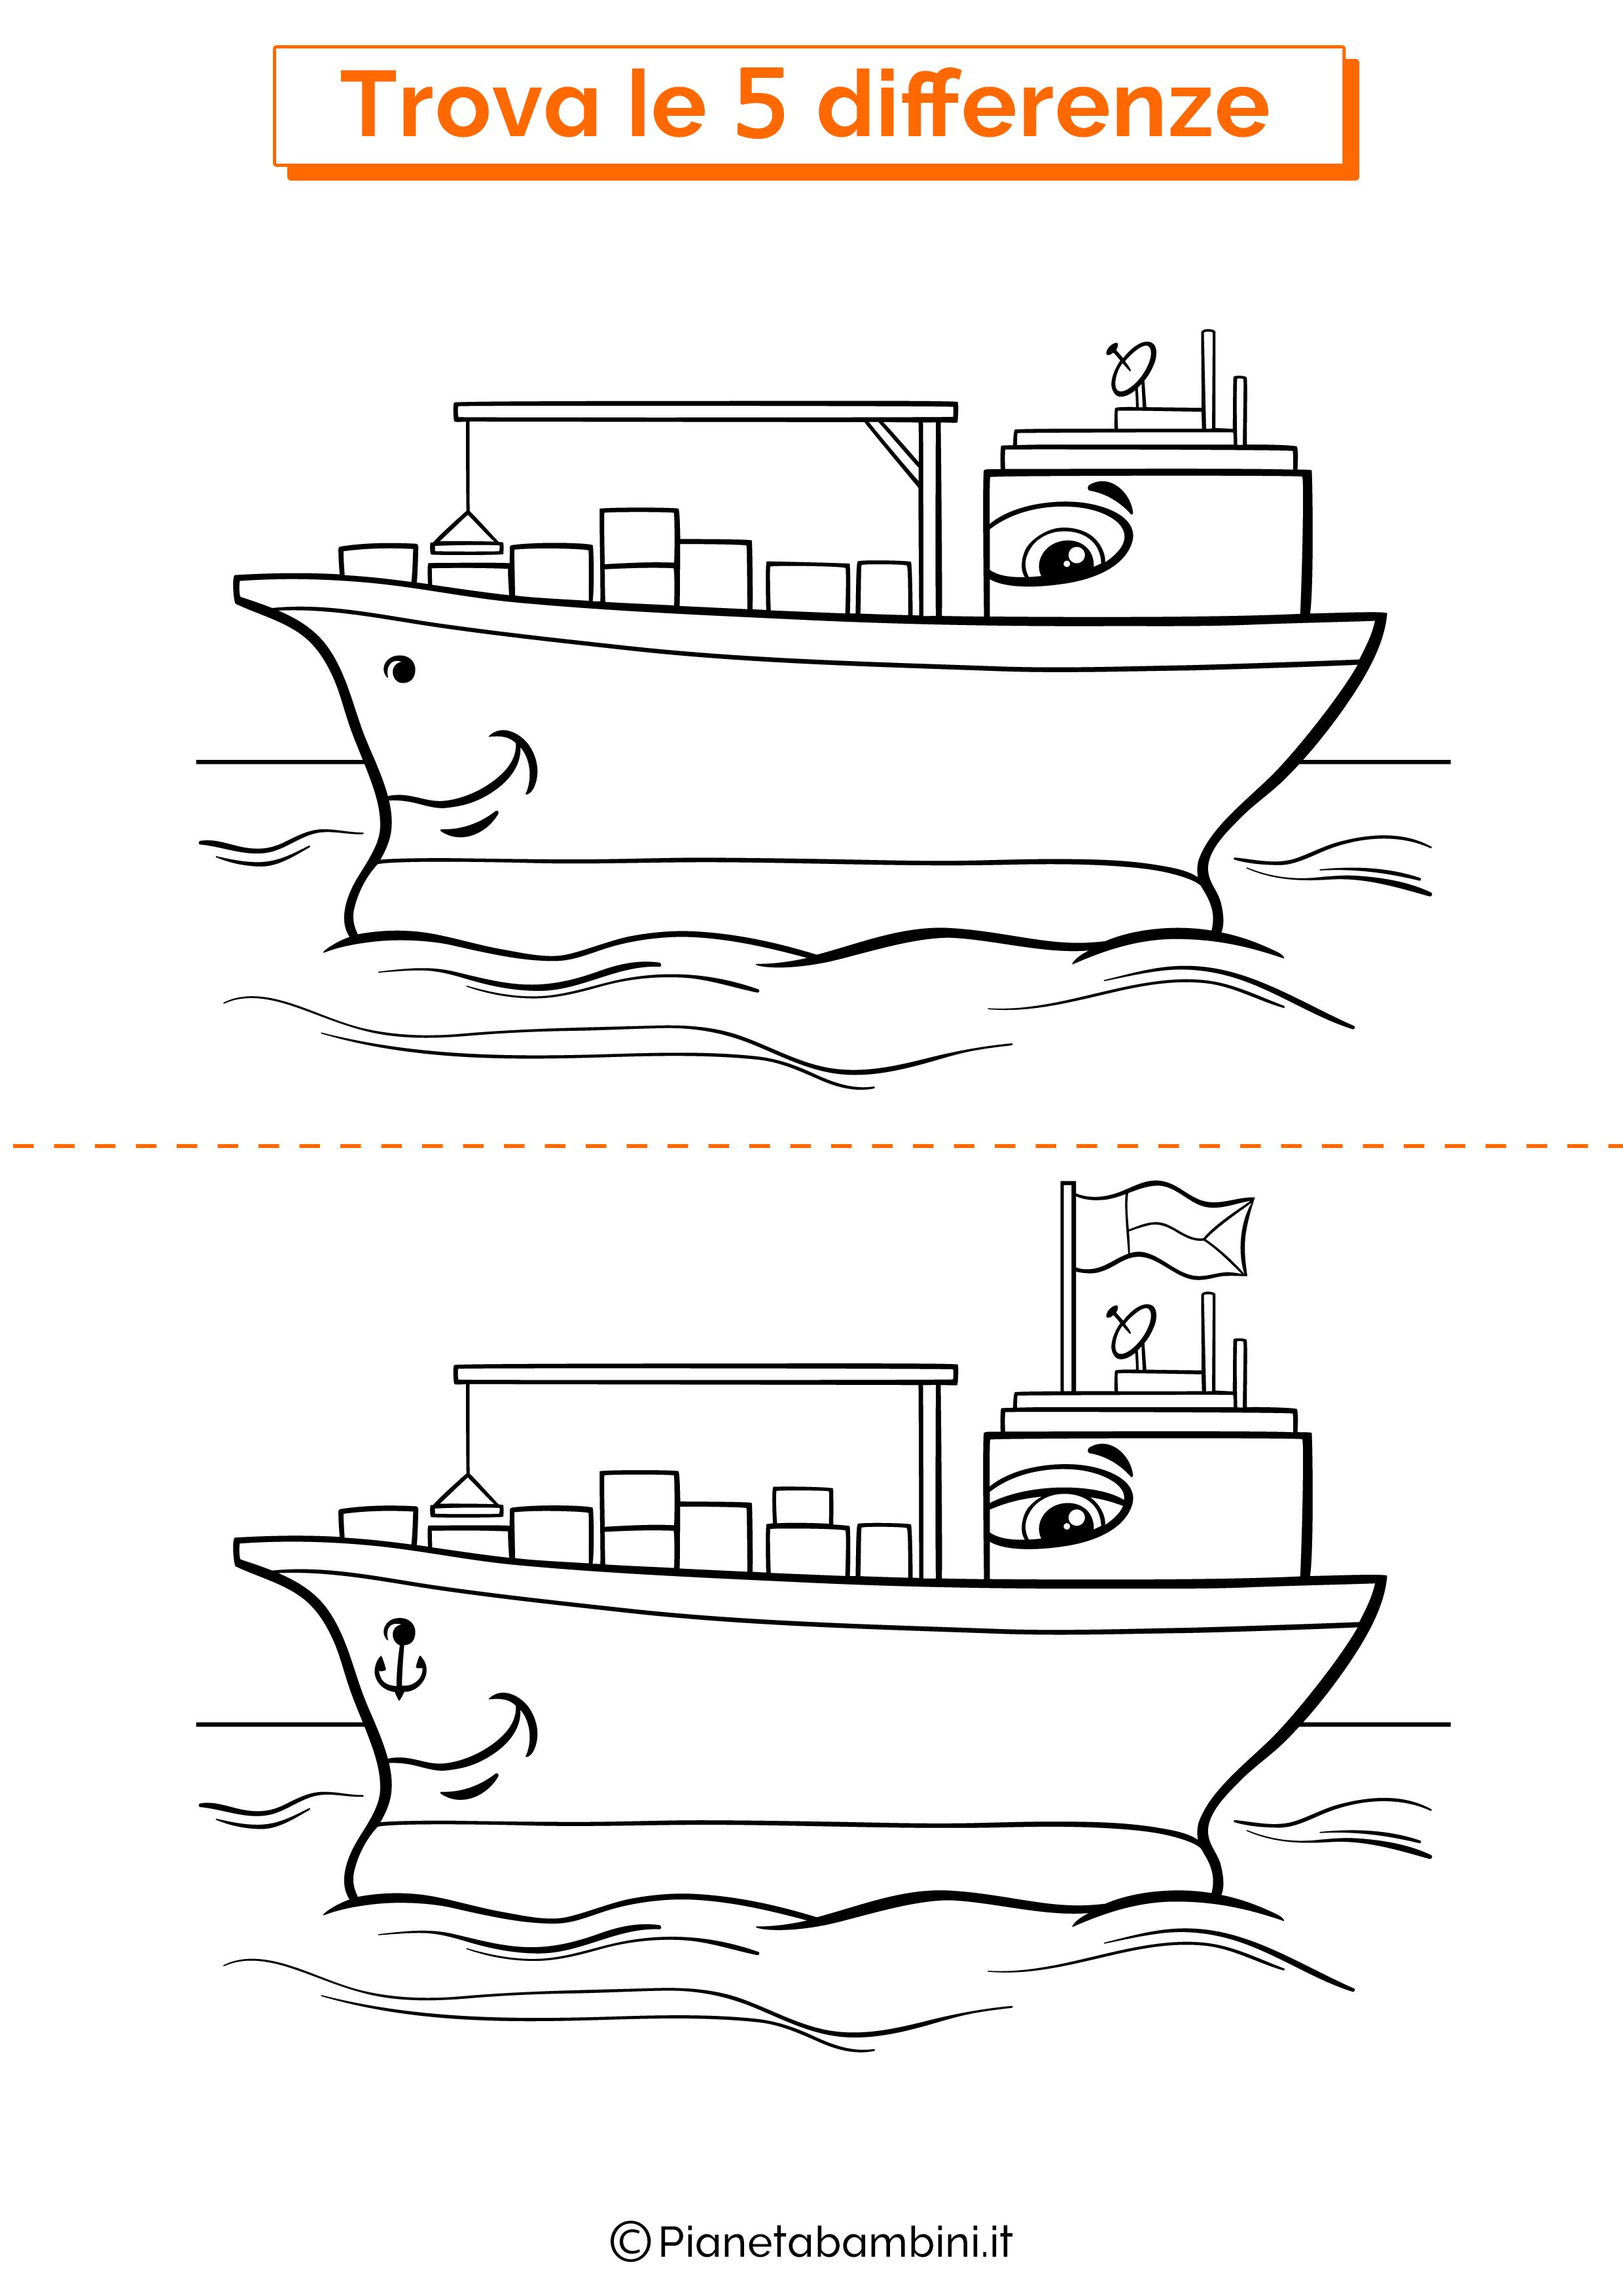 Disegno trova 5 differenze nave